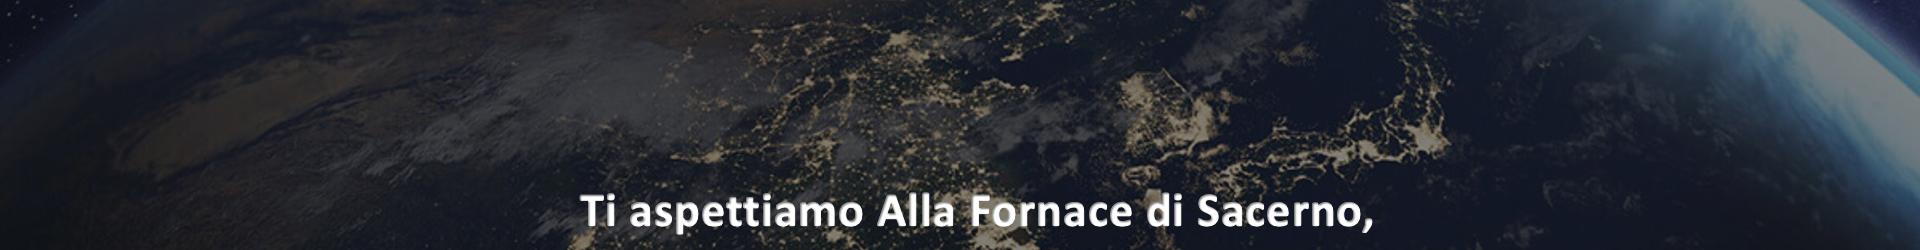 Ti aspettiamo Mercoledì 8 Settembre a Bologna Alla Formace di Sacerno per il lancio di HCL Domino 12 e Sametime 11.6!